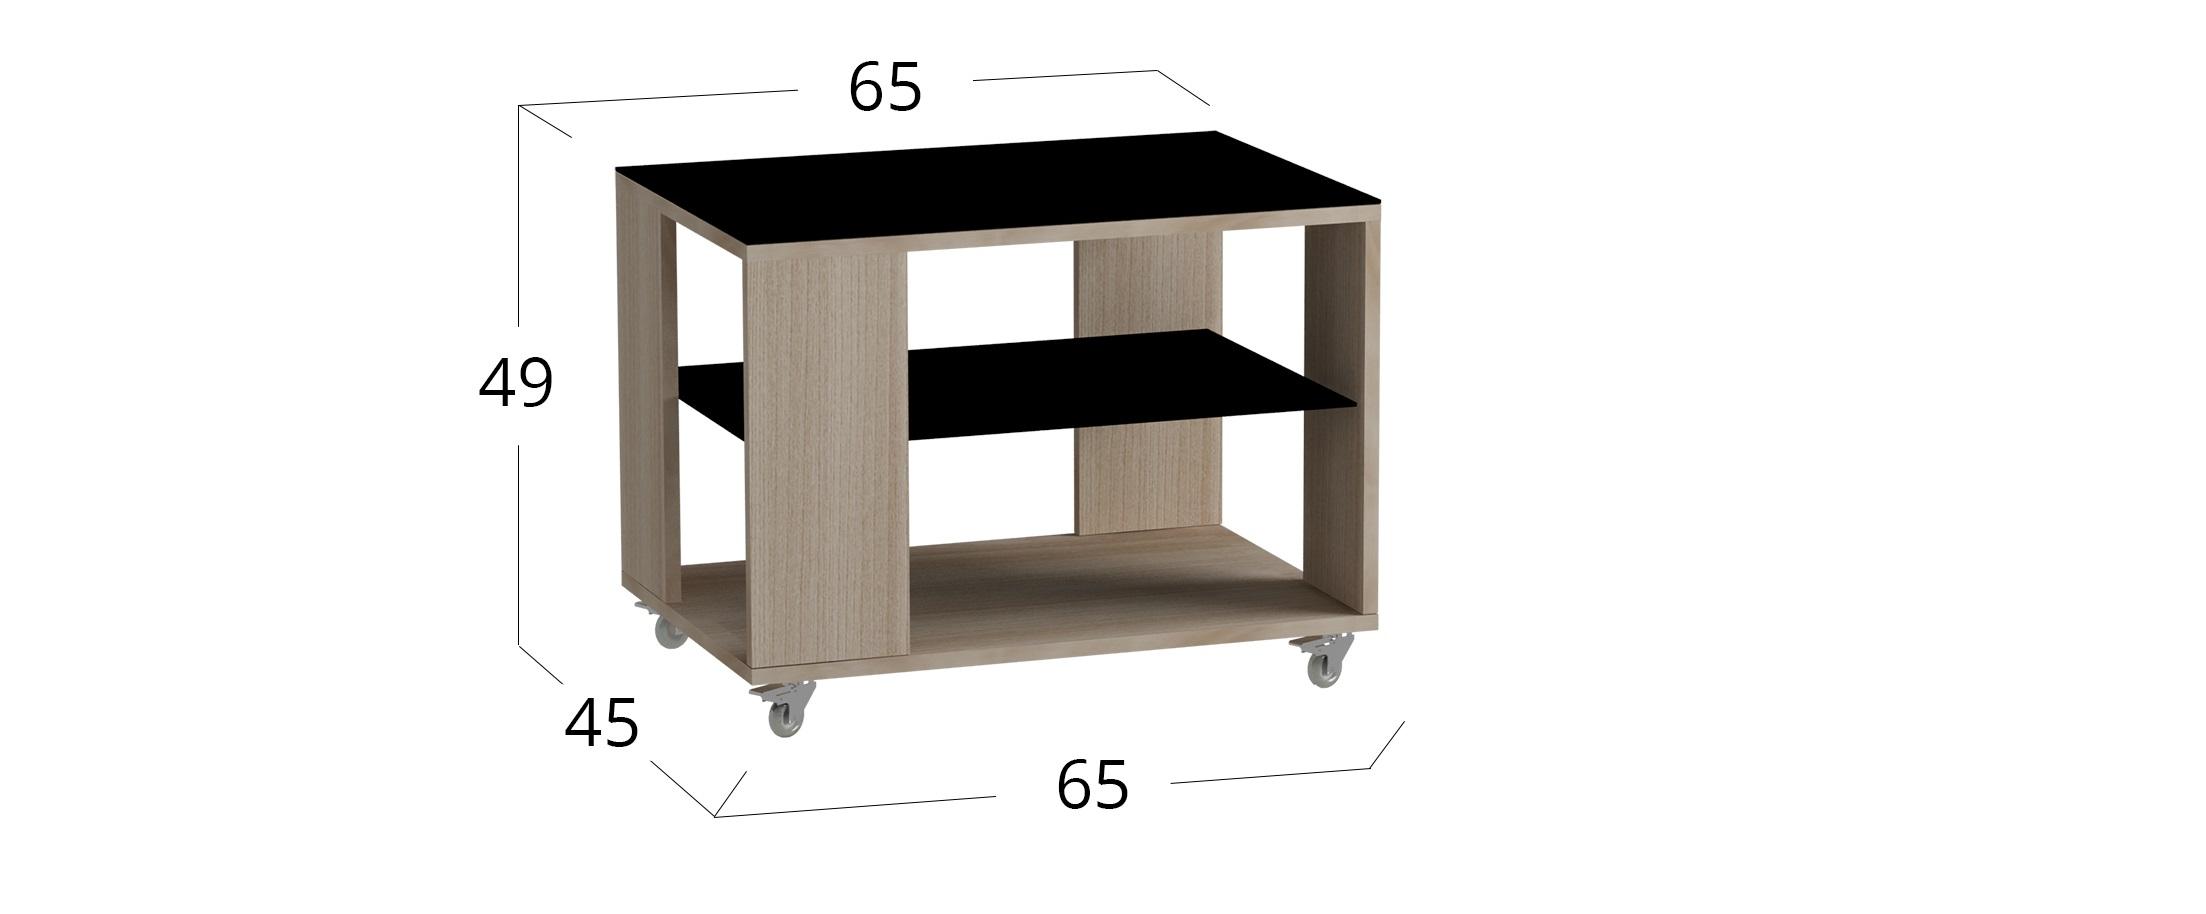 Стол 733 Модель 579Стол журнальный ясень светлый черное стекло - купить  в интернет-магазине MOON TRADE Д001191